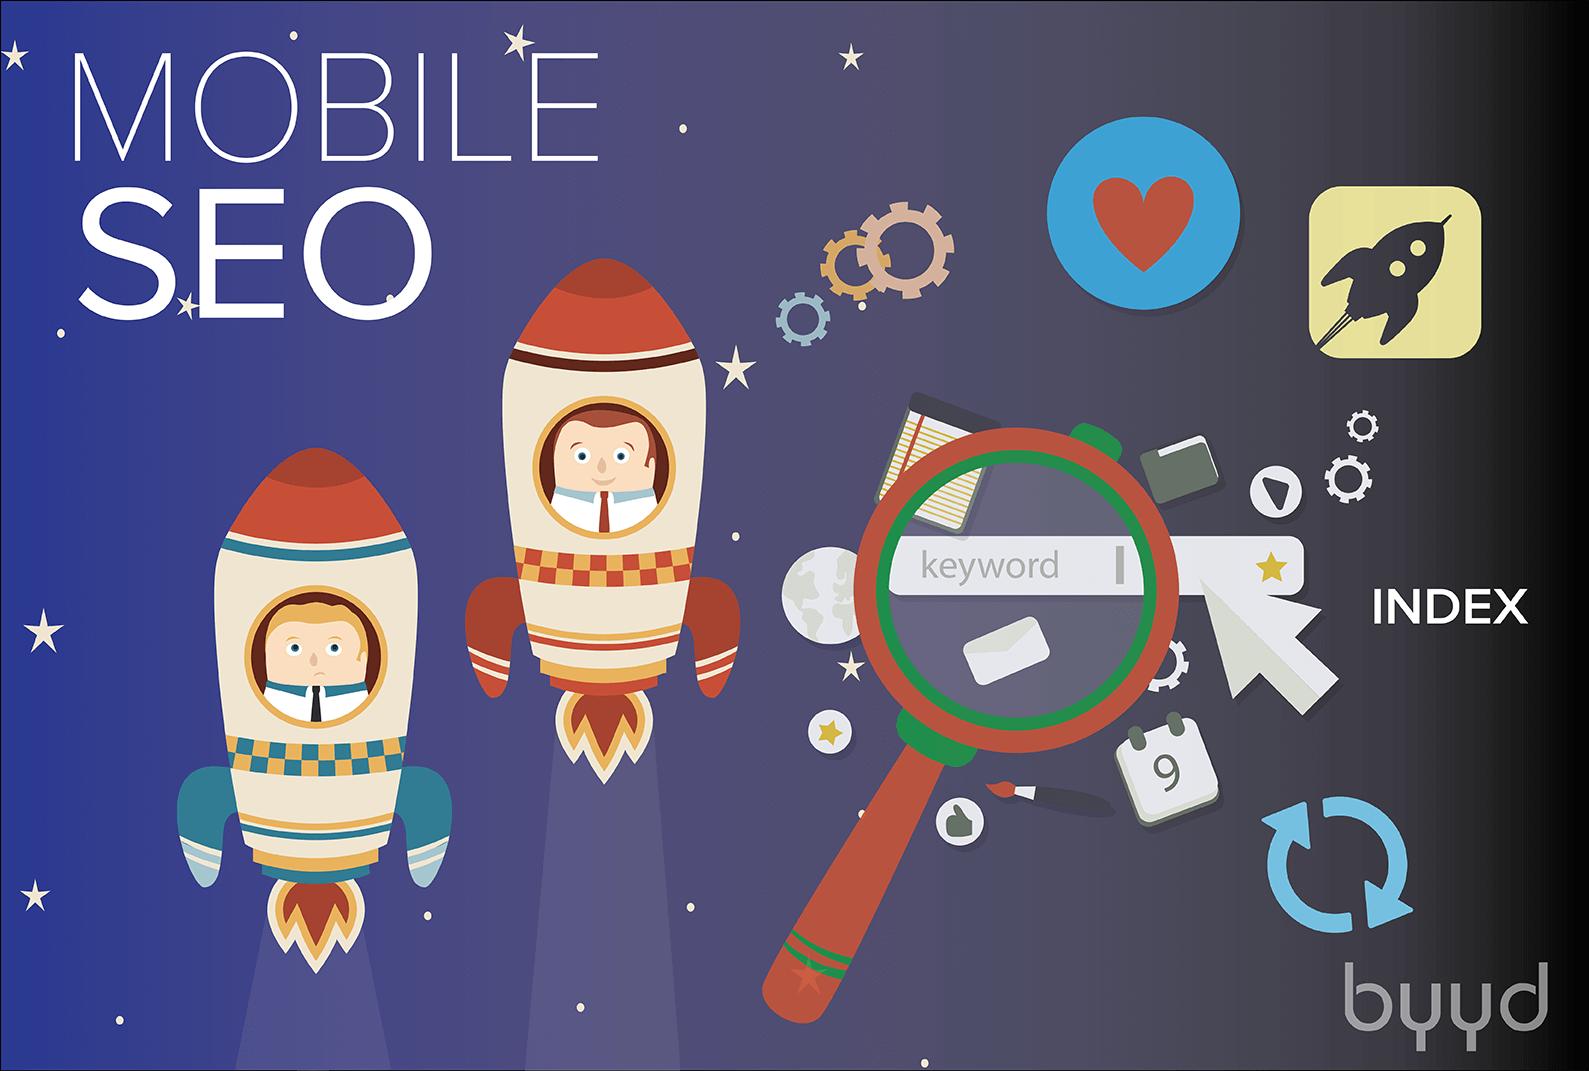 Как преуспеть в мобильном SEO? Делимся наблюдениями - 1